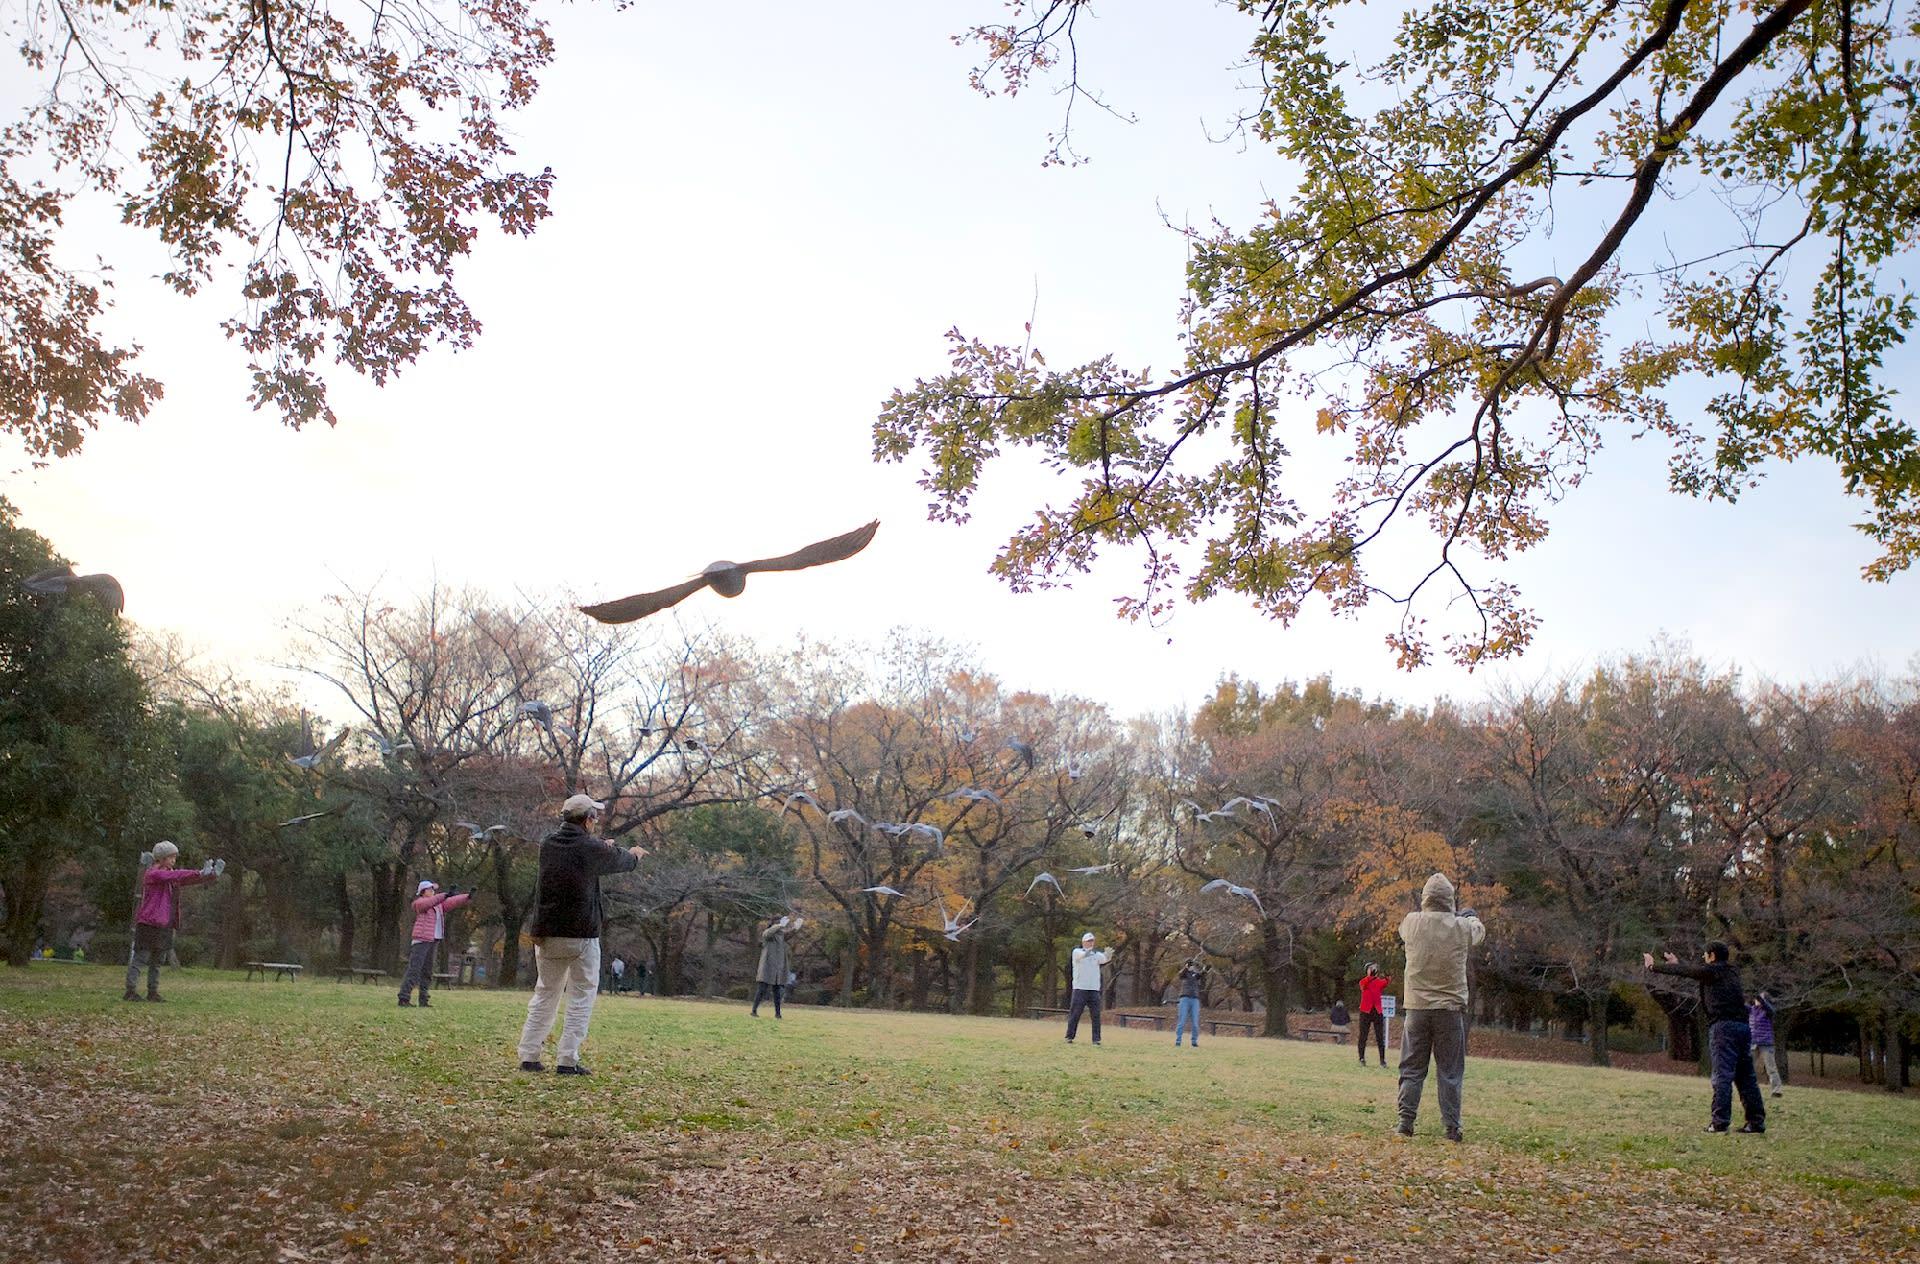 今朝の善福寺川界隈-人と野鳥のコラボで心身の健康を目指す「気功」   —2018.11.23—